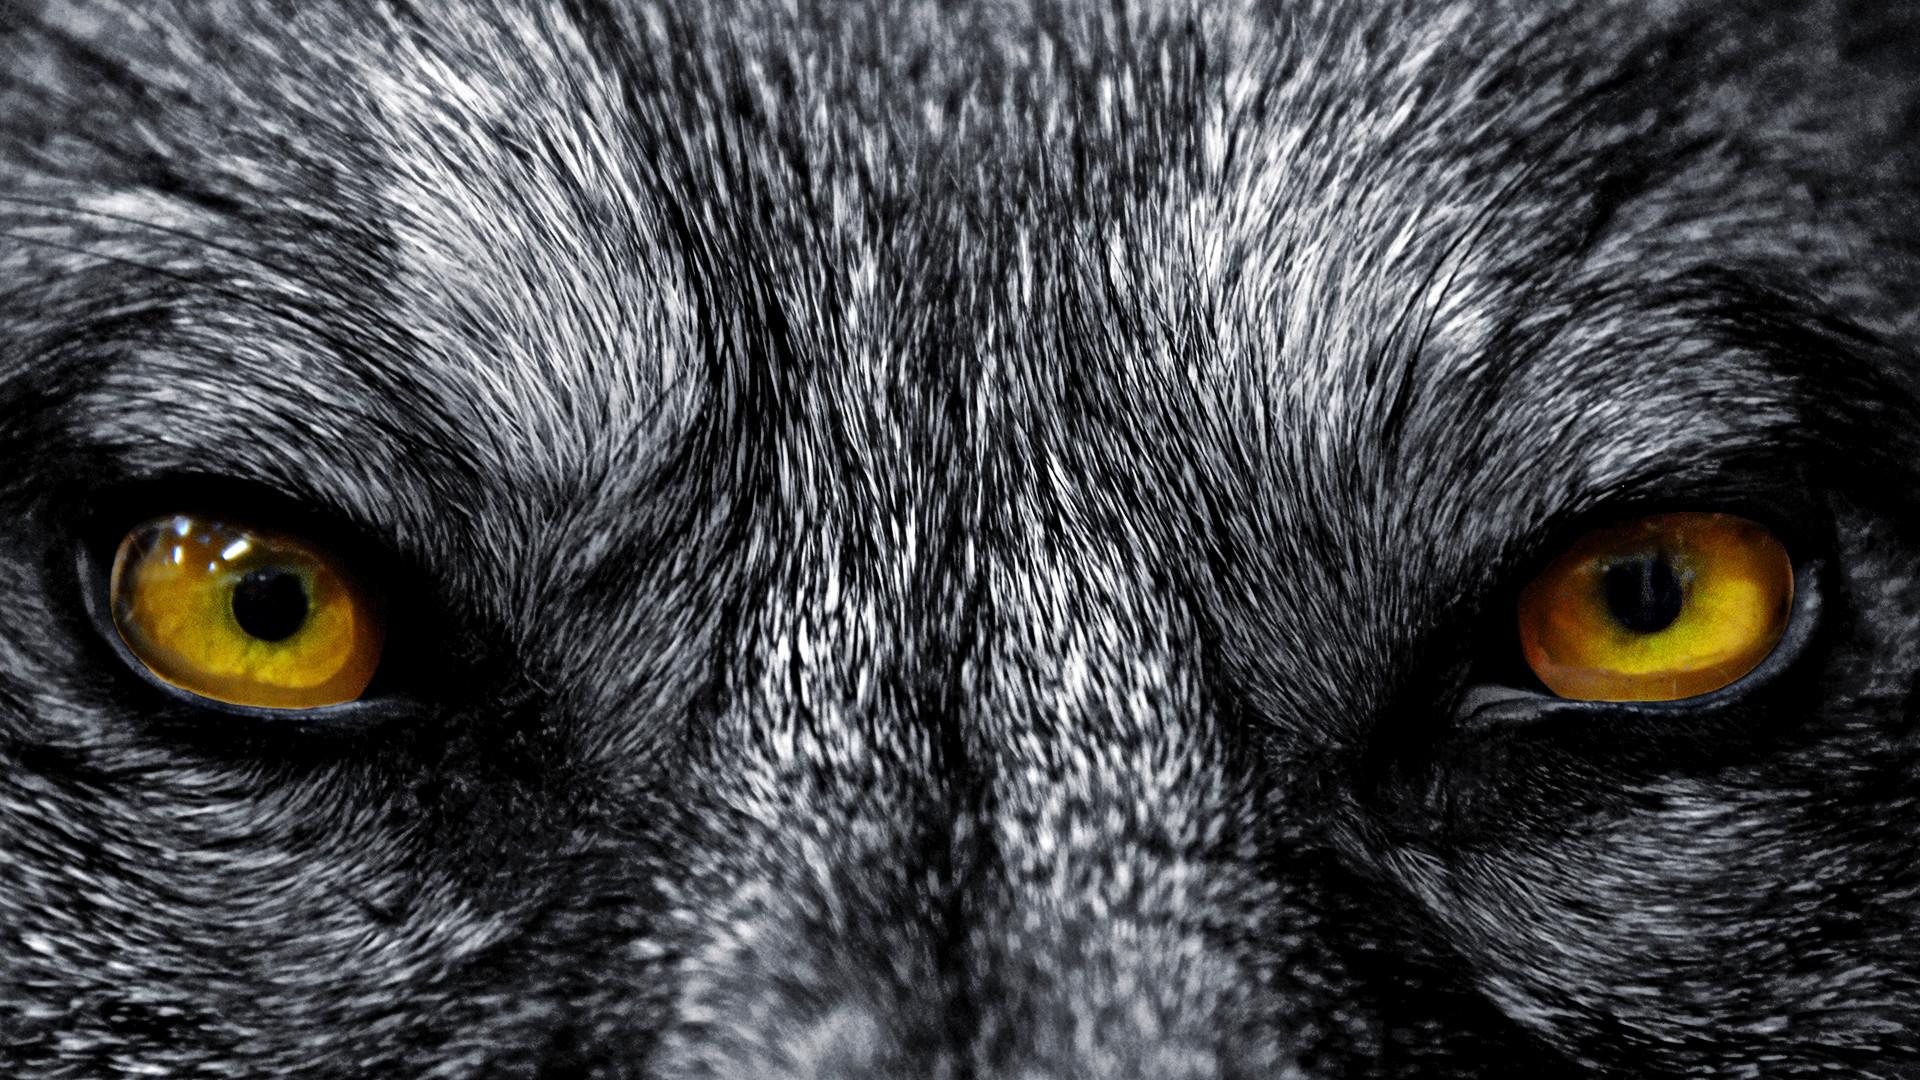 Wolf HD desktop wallpaper High Definition Fullscreen Mobile